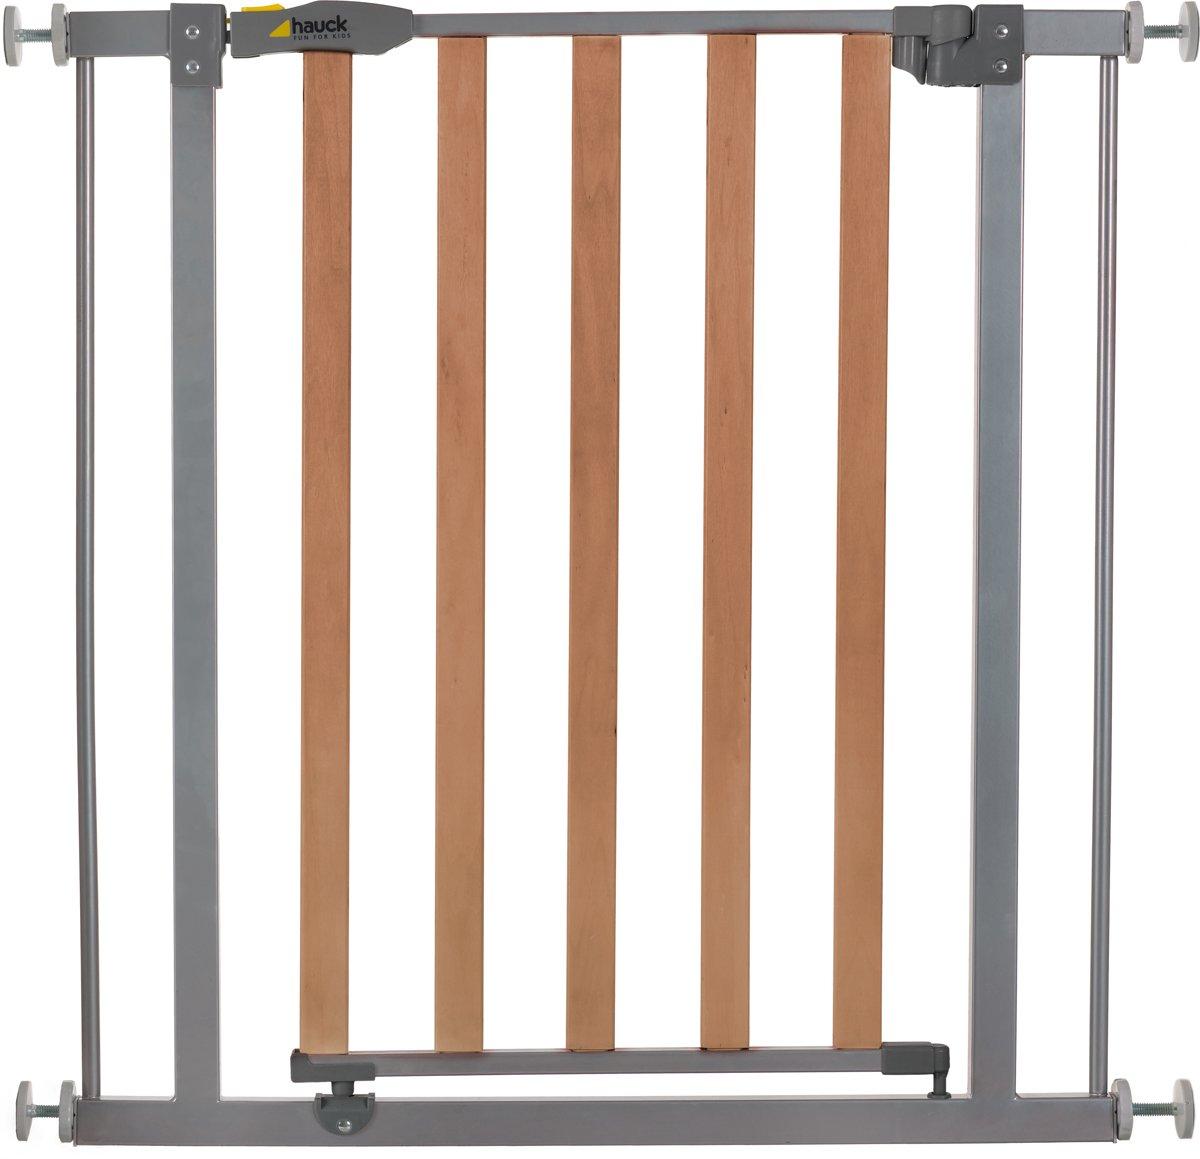 Hauck Wood Lock Safety Gate - Traphekje (75 - 81 cm) - Silver